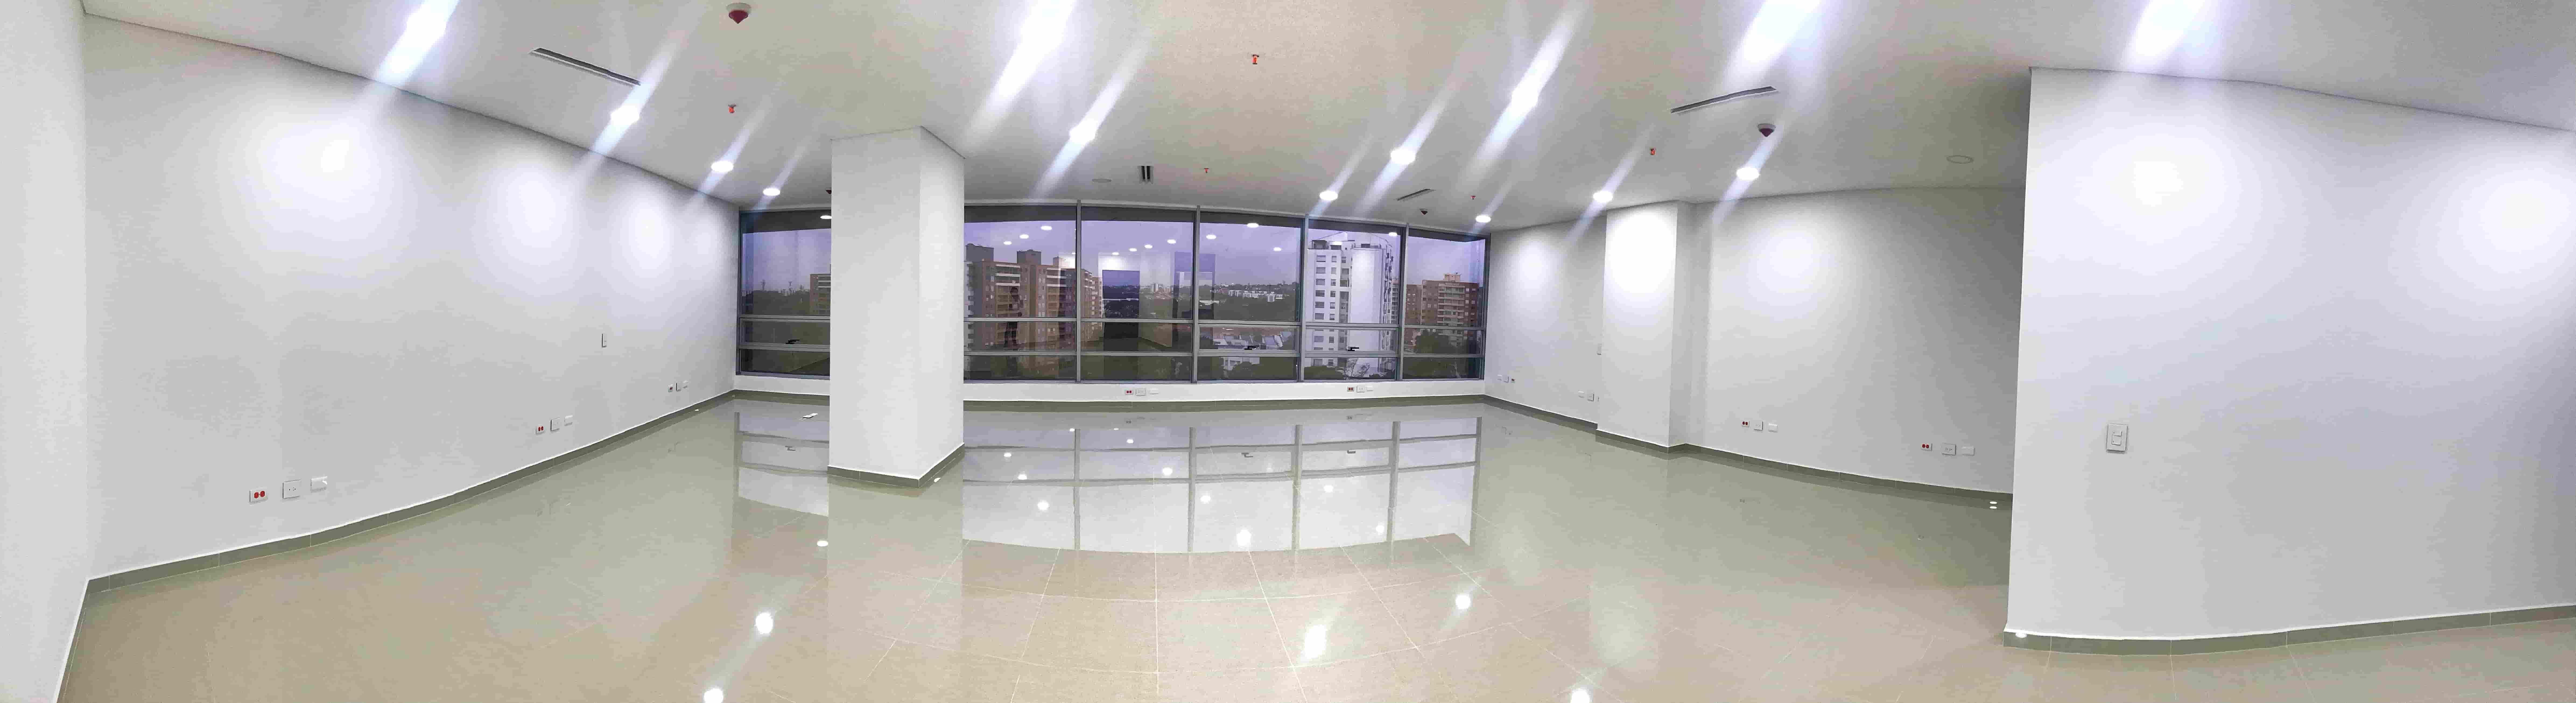 Oficina en  Ciudad Jardin, CALI 89825, foto 3